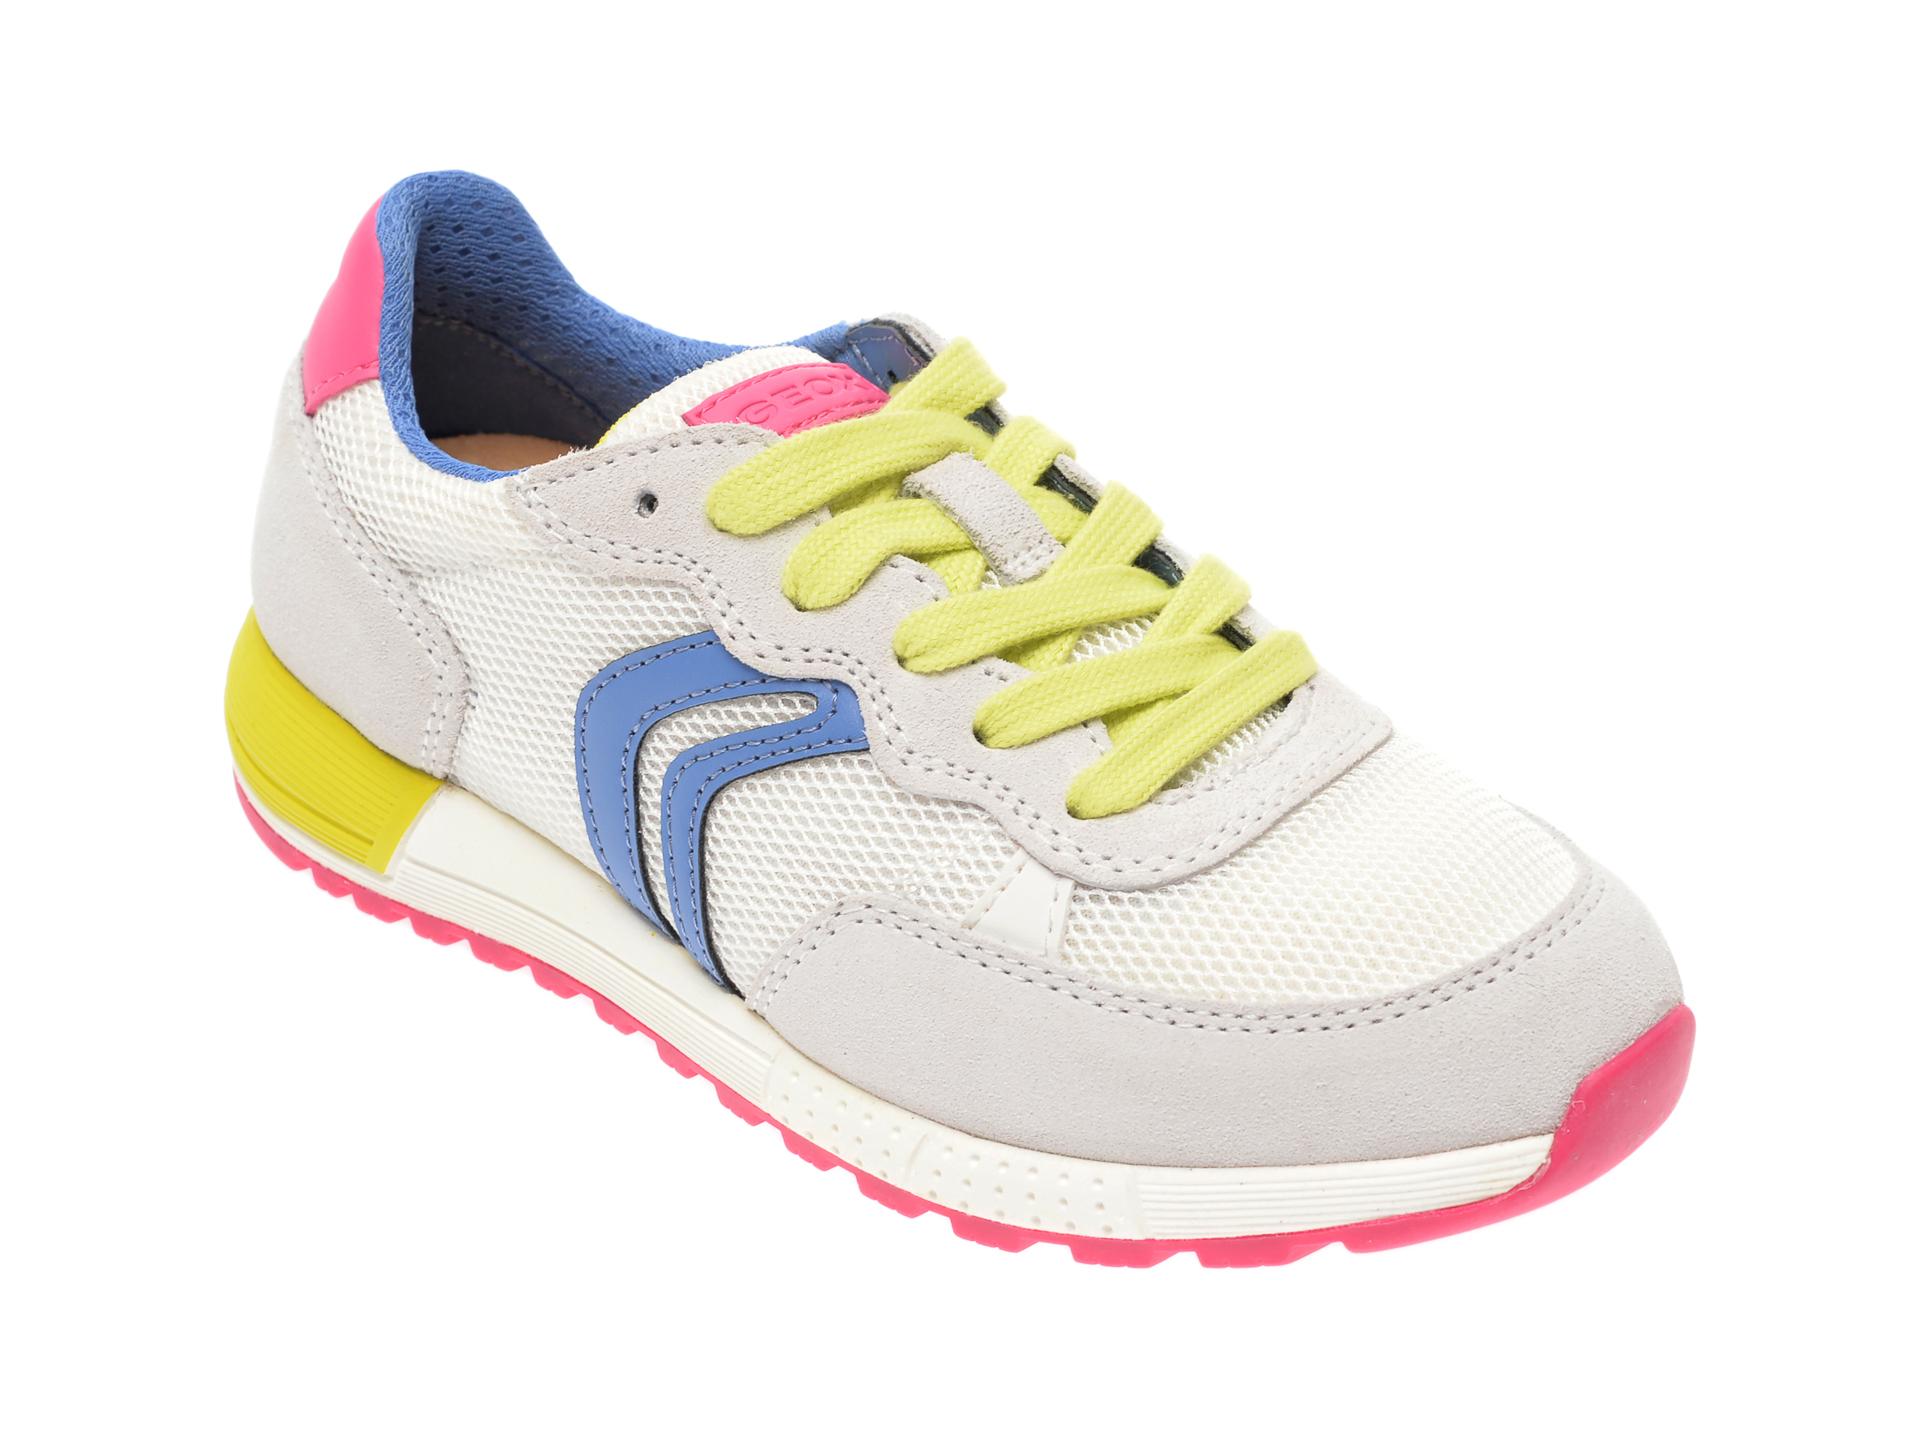 Pantofi Sport Geox Albi, J02aqb, Din Material Textil Si Piele Intoarsa